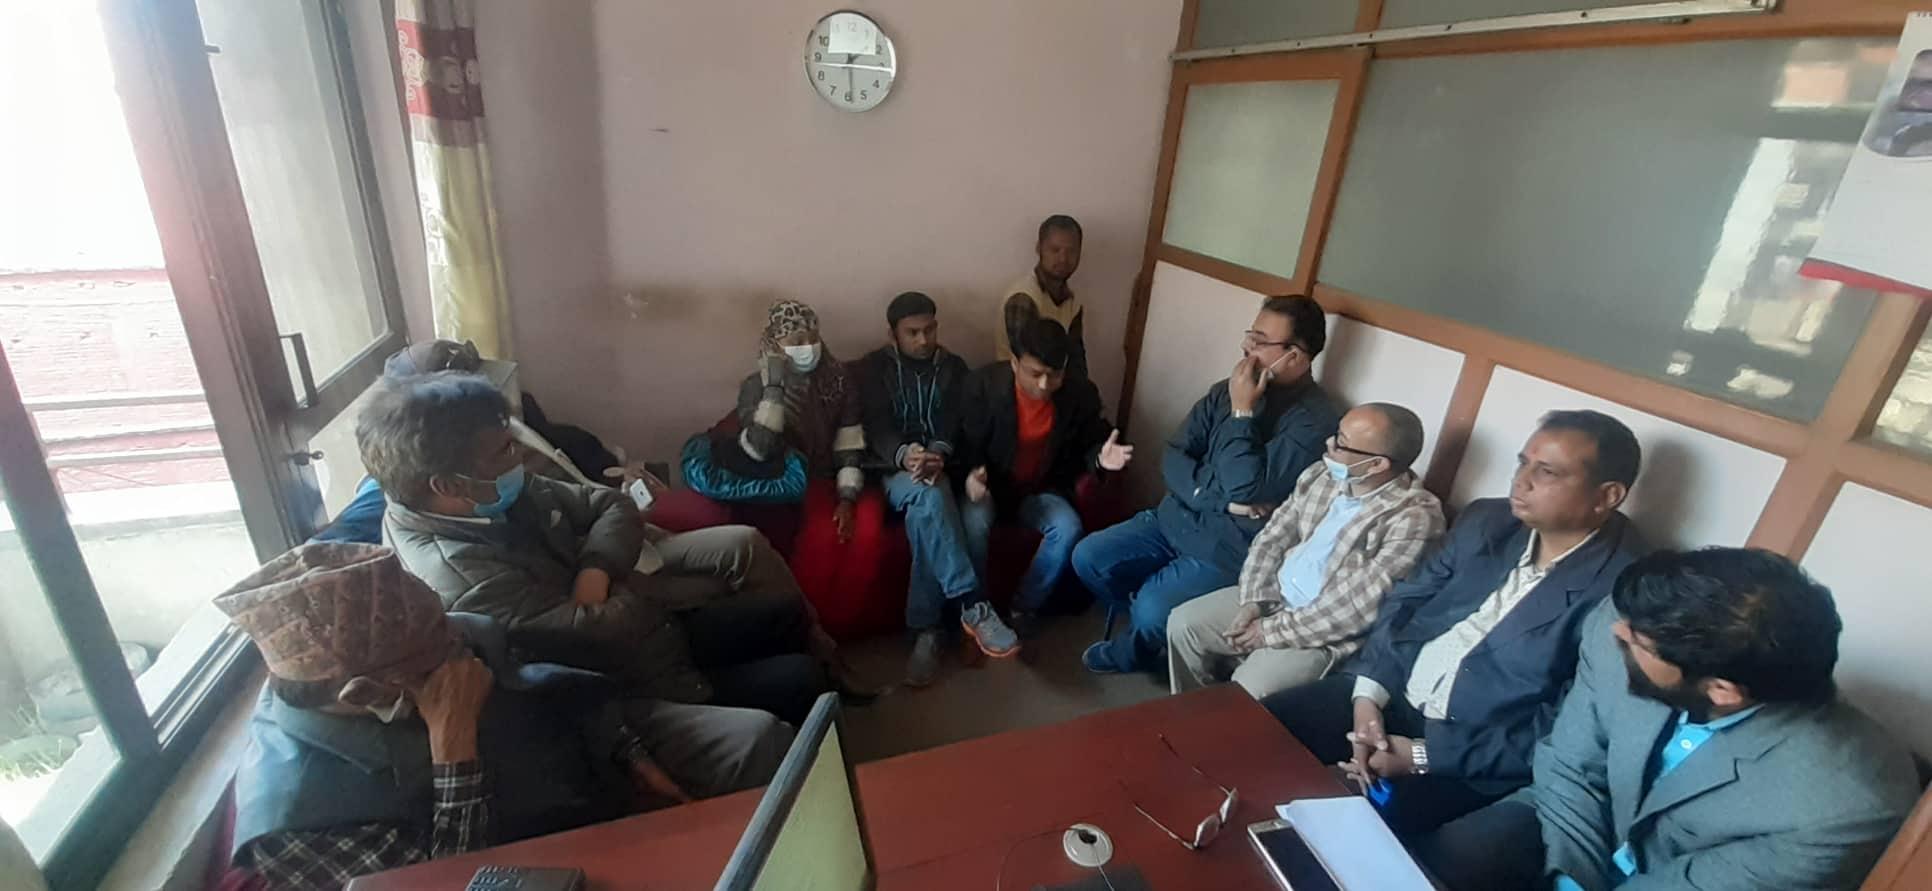 प्रेस सेन्टर नेपालसहितका विभिन्न १३ संगठनहरुद्धारा पत्रकार महासंघको निर्वाचनमा सहकार्य गर्ने घोषणा